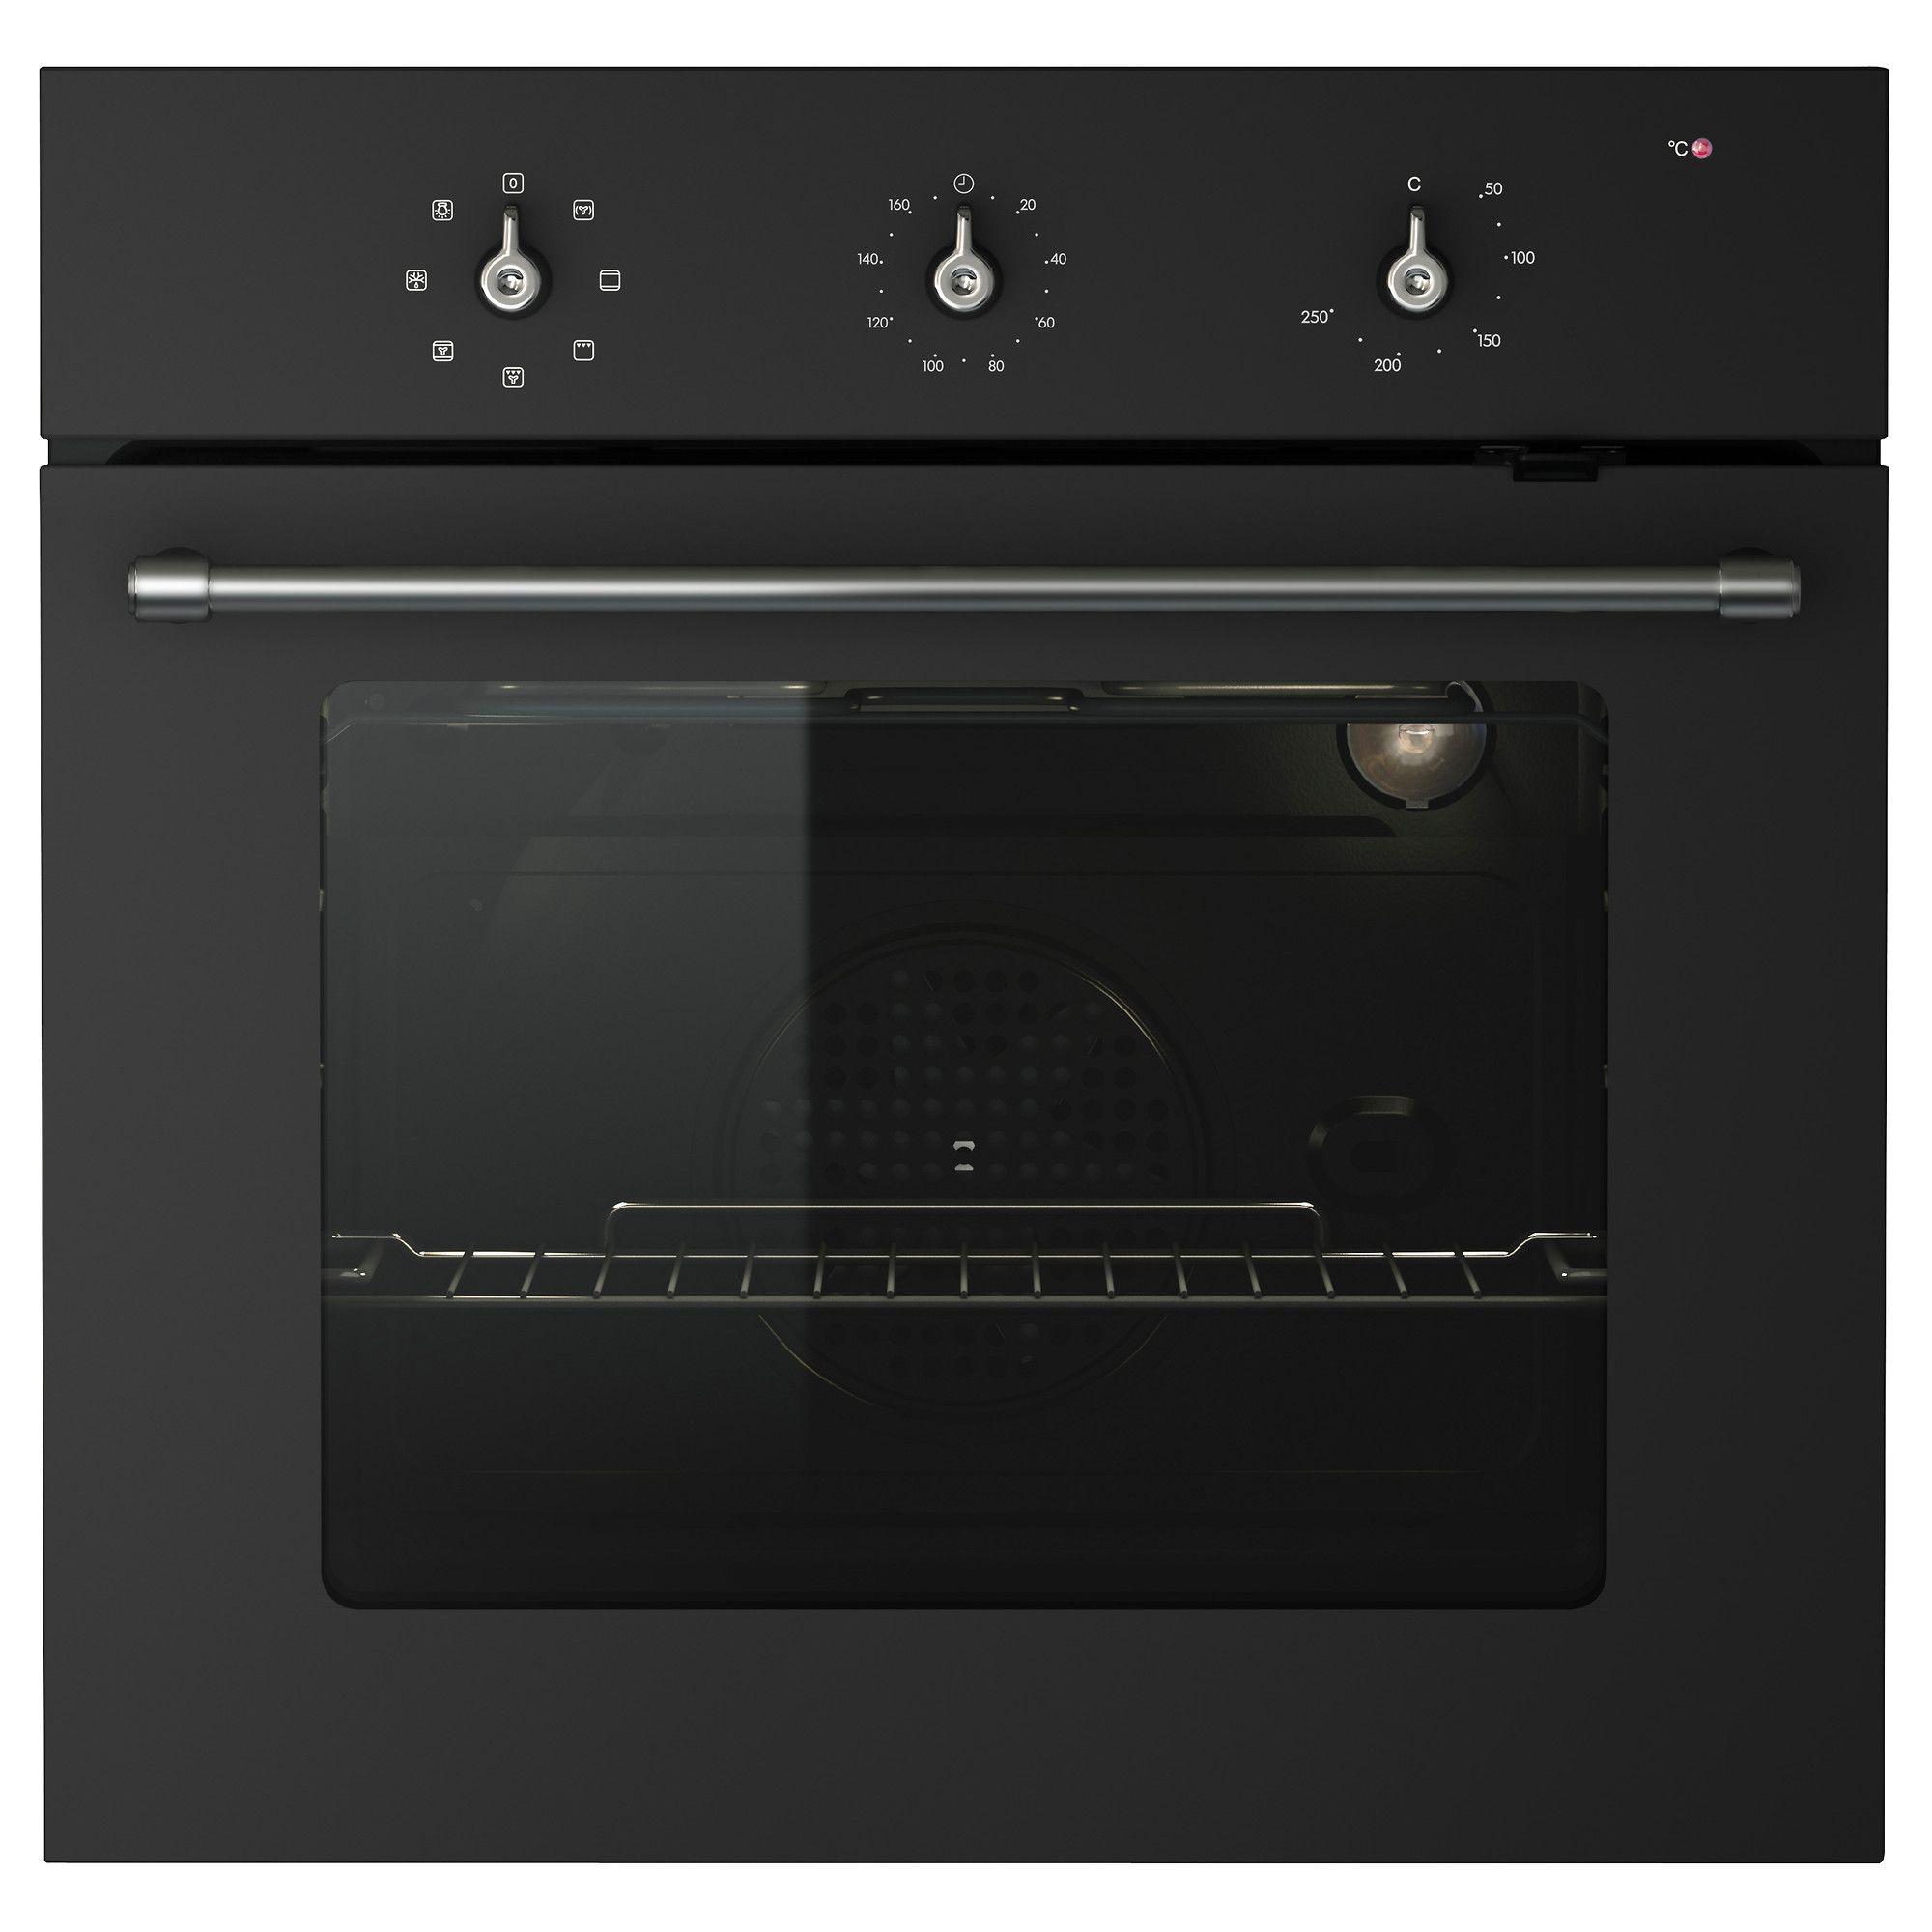 Gemütlich Ikea Kücheneinheiten Ebay Ideen - Küchenschrank Ideen ...